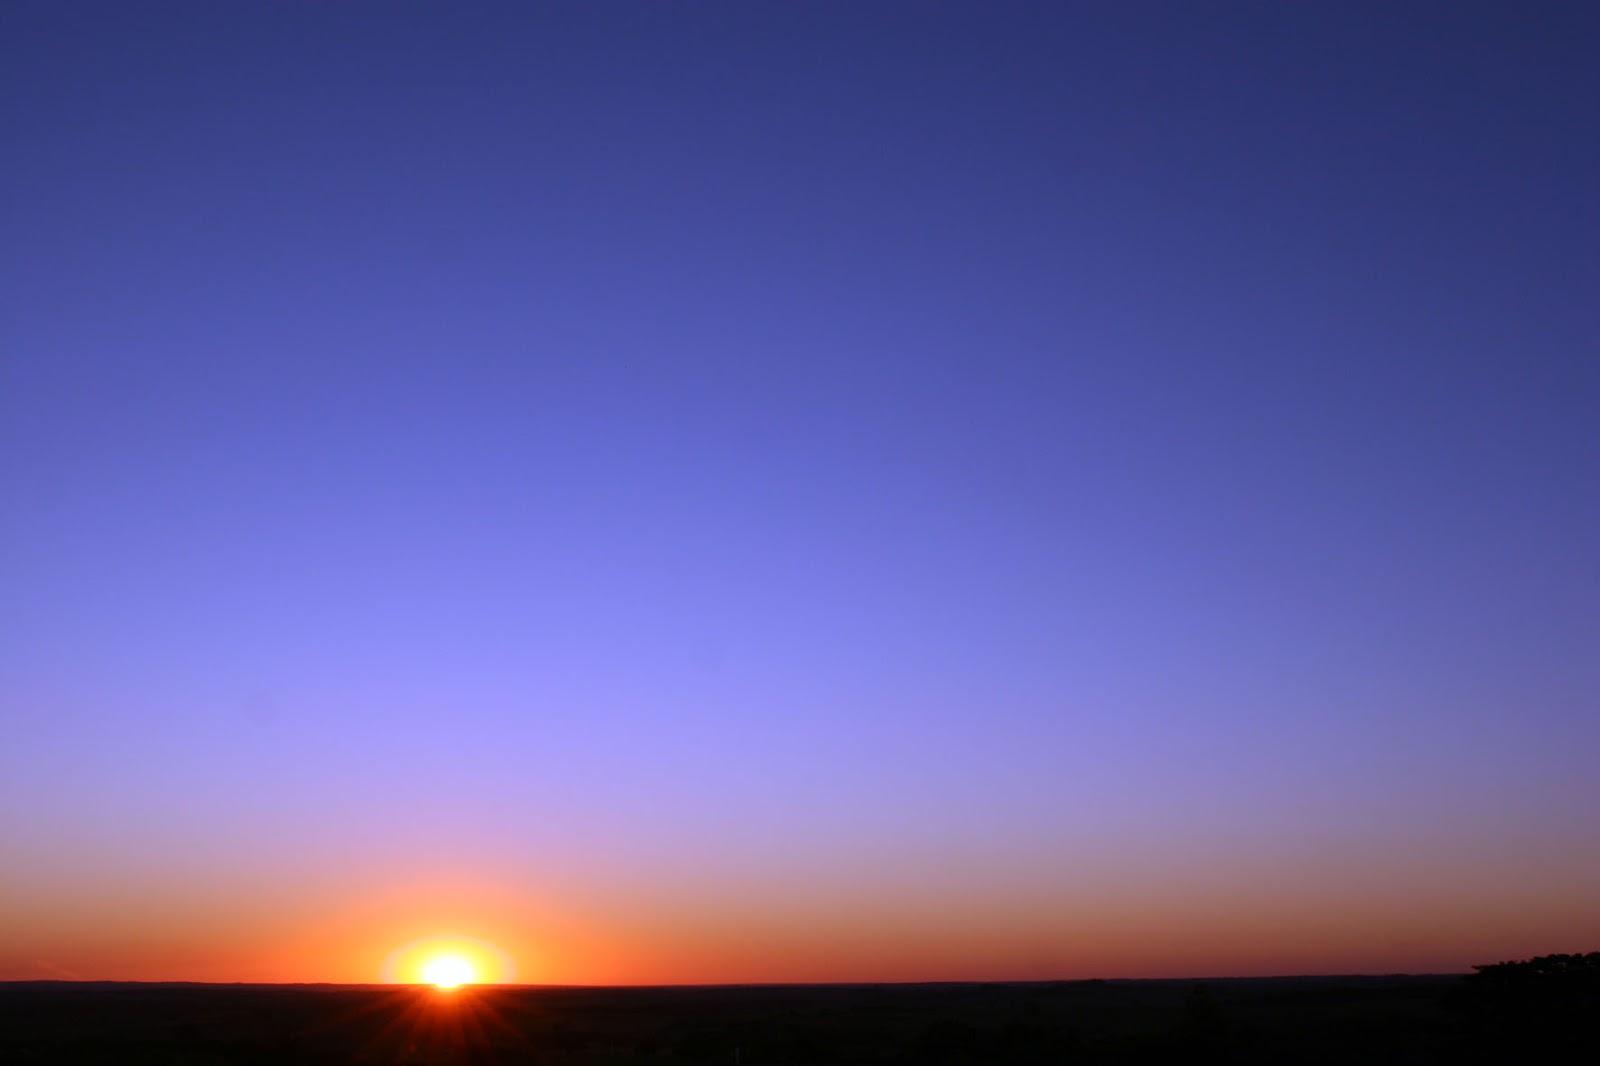 Nascer do sol, com destaque para um céu azul sem nuvens: ilustra a seção a respeito dos textos das linhas de ''Sun / A Suavidade (o Penetrante, Vento)'', um dos 64 hexagramas do I Ching, o Livro das Mutações